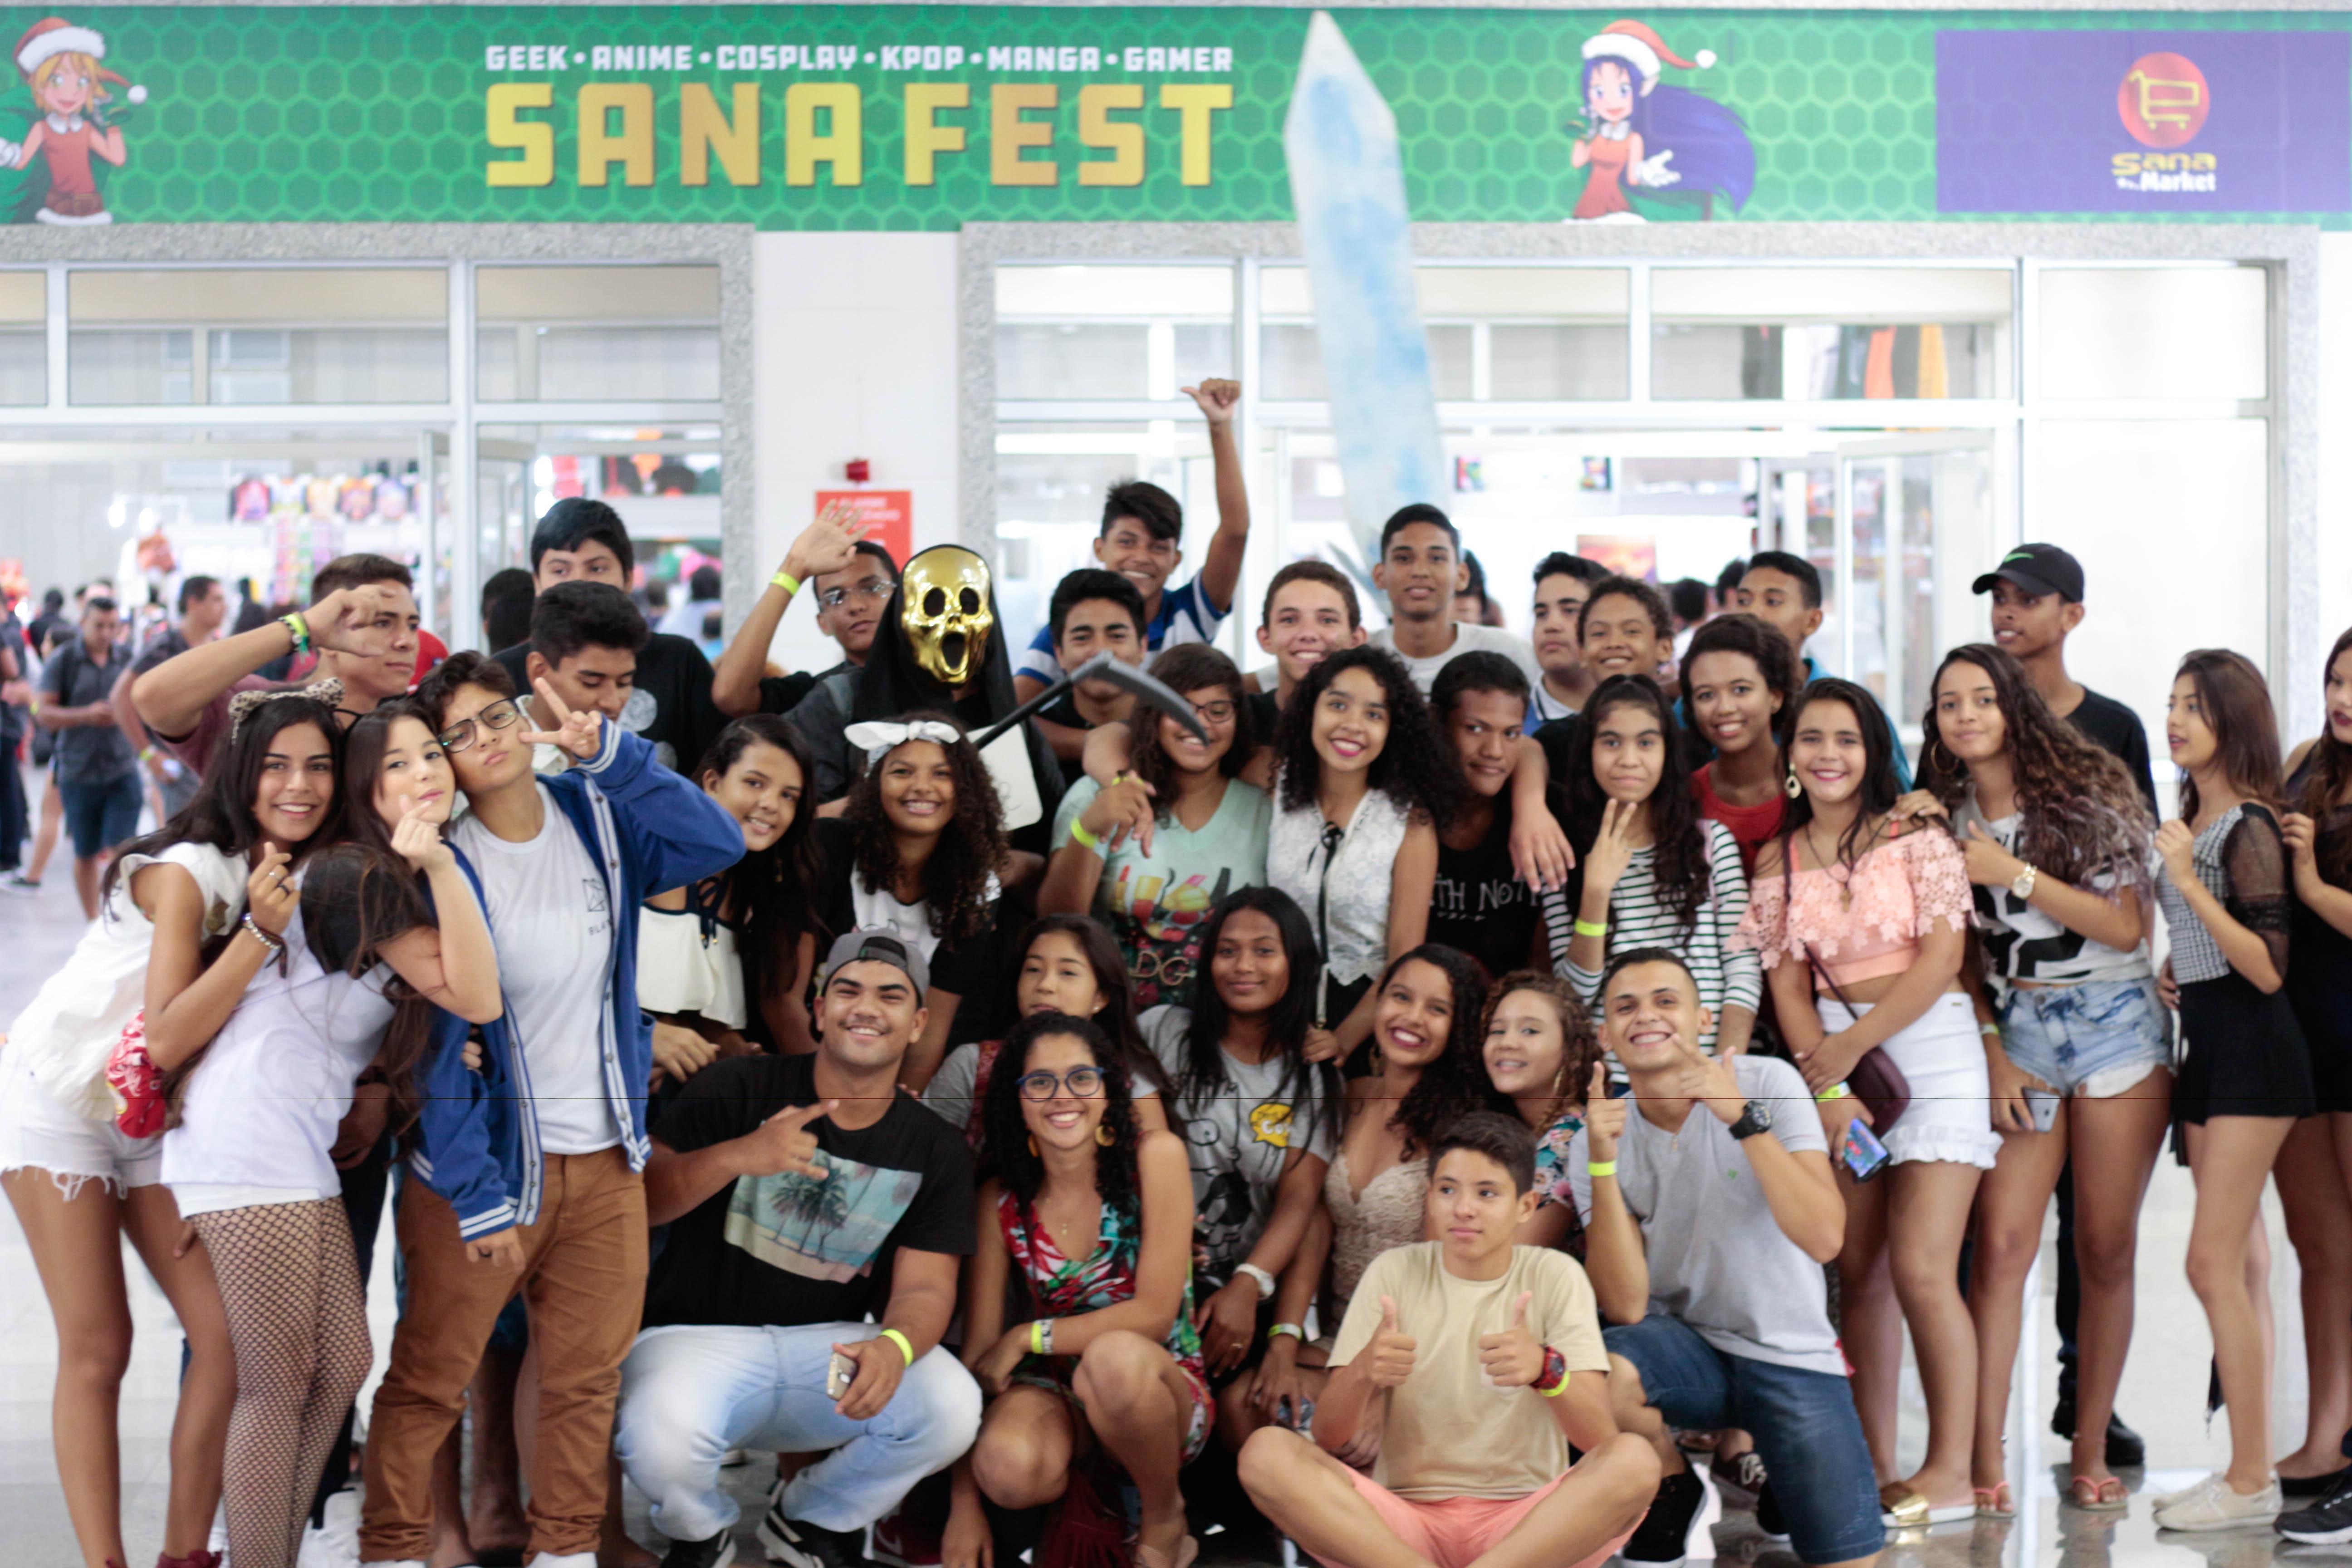 Sana Fest